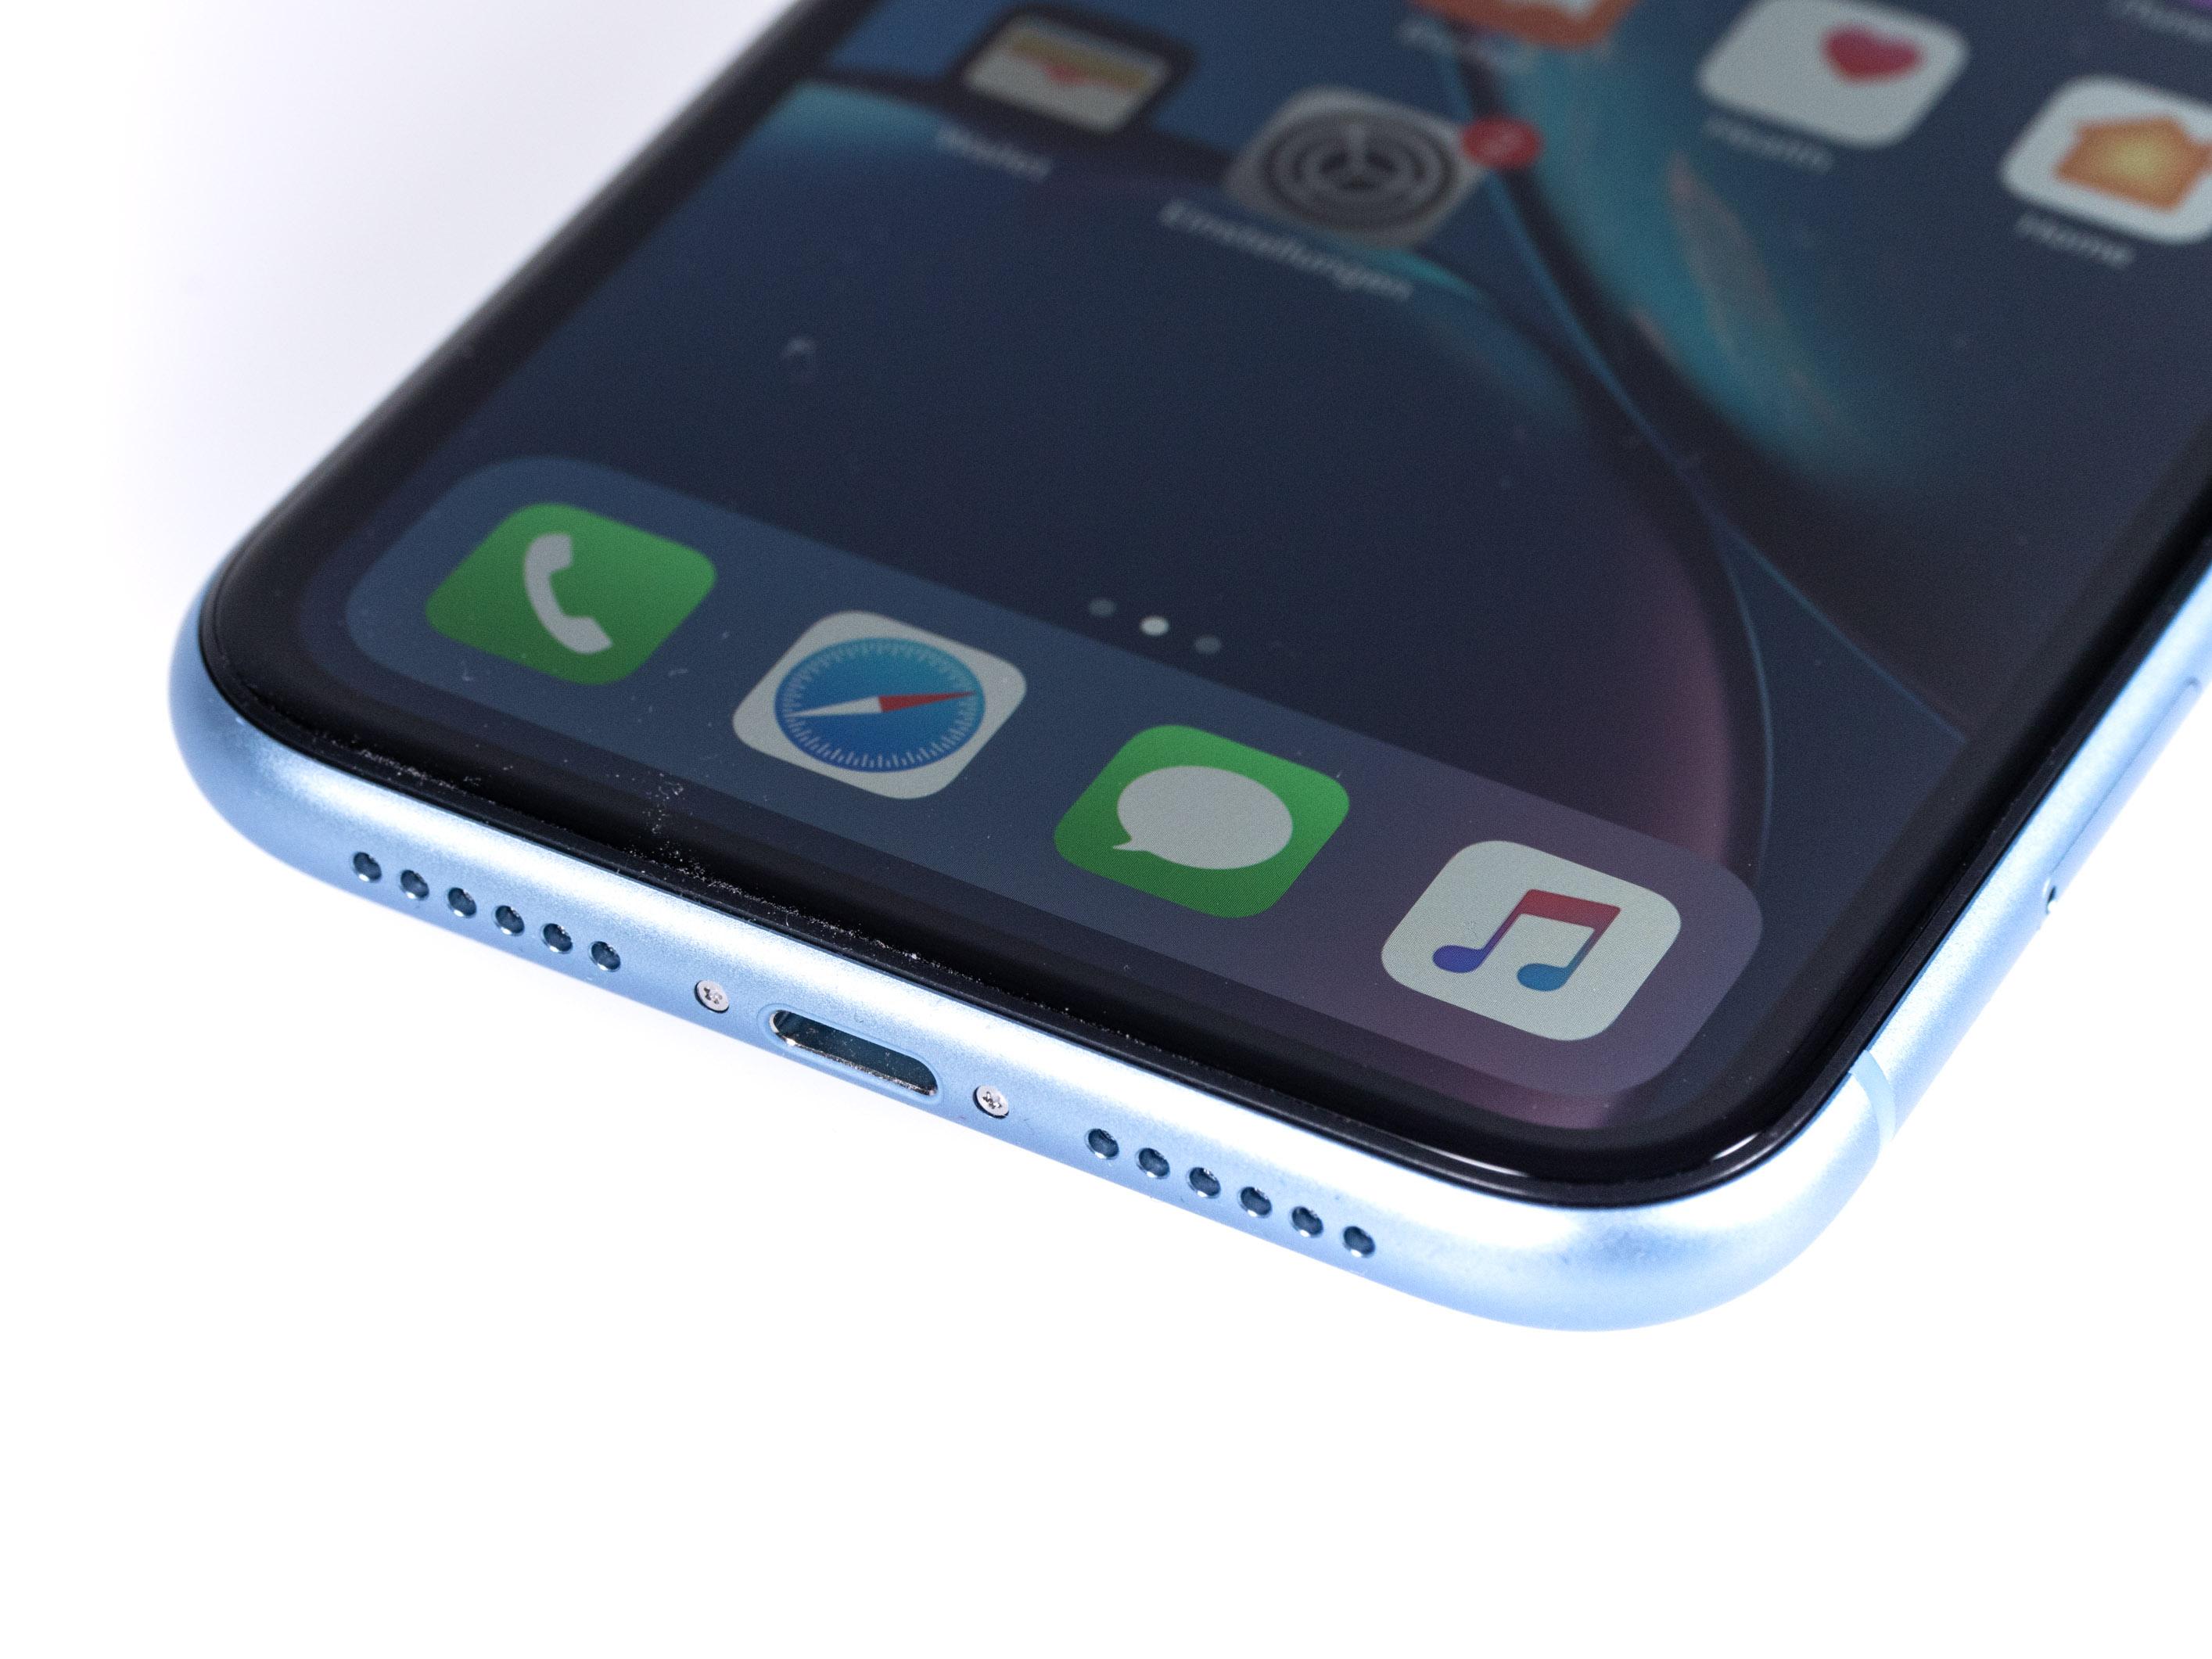 iPhone Xr im Test: Apples günstigeres iPhone ist nicht günstig - Auch das restliche Design unterscheidet sich nicht von dem des iPhone X, iPhone Xs und iPhone Xs Max. (Bild: Martin Wolf/Golem.de)